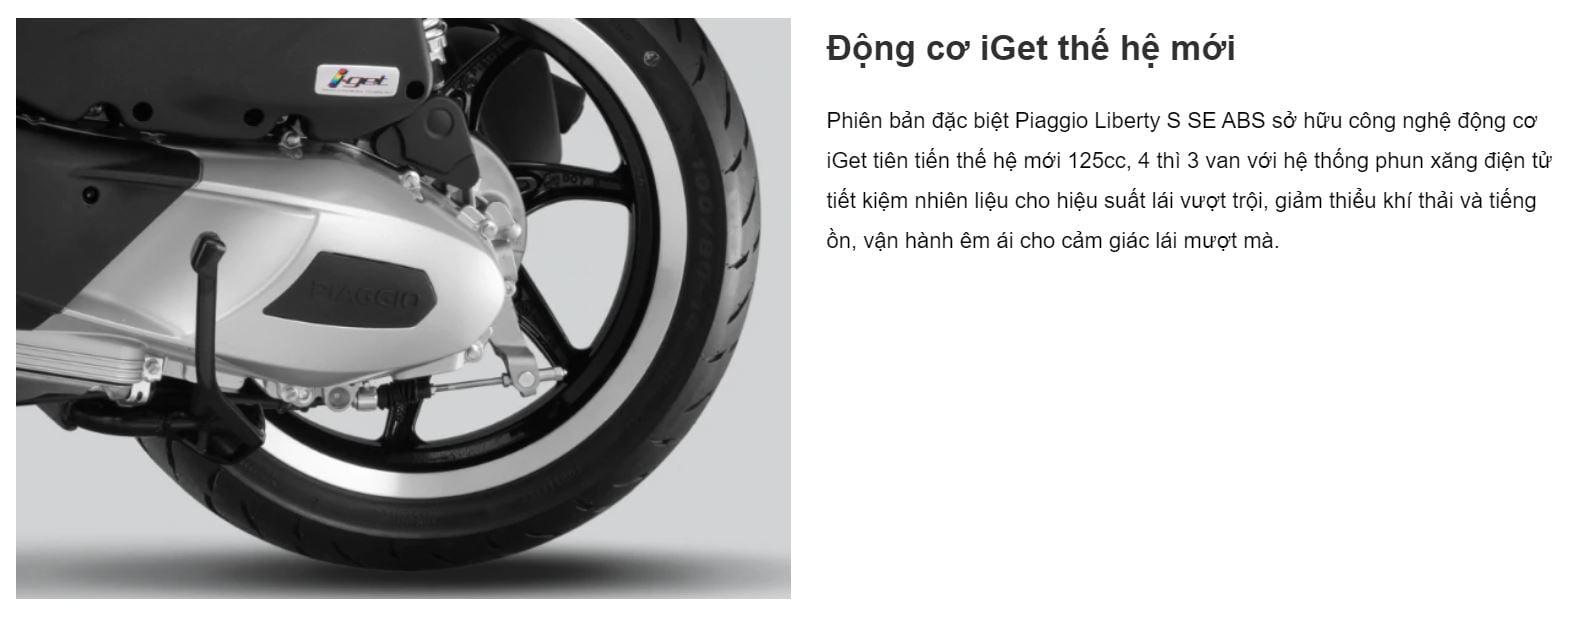 Có nên mua xe Piaggio Liberty S 2019 mới